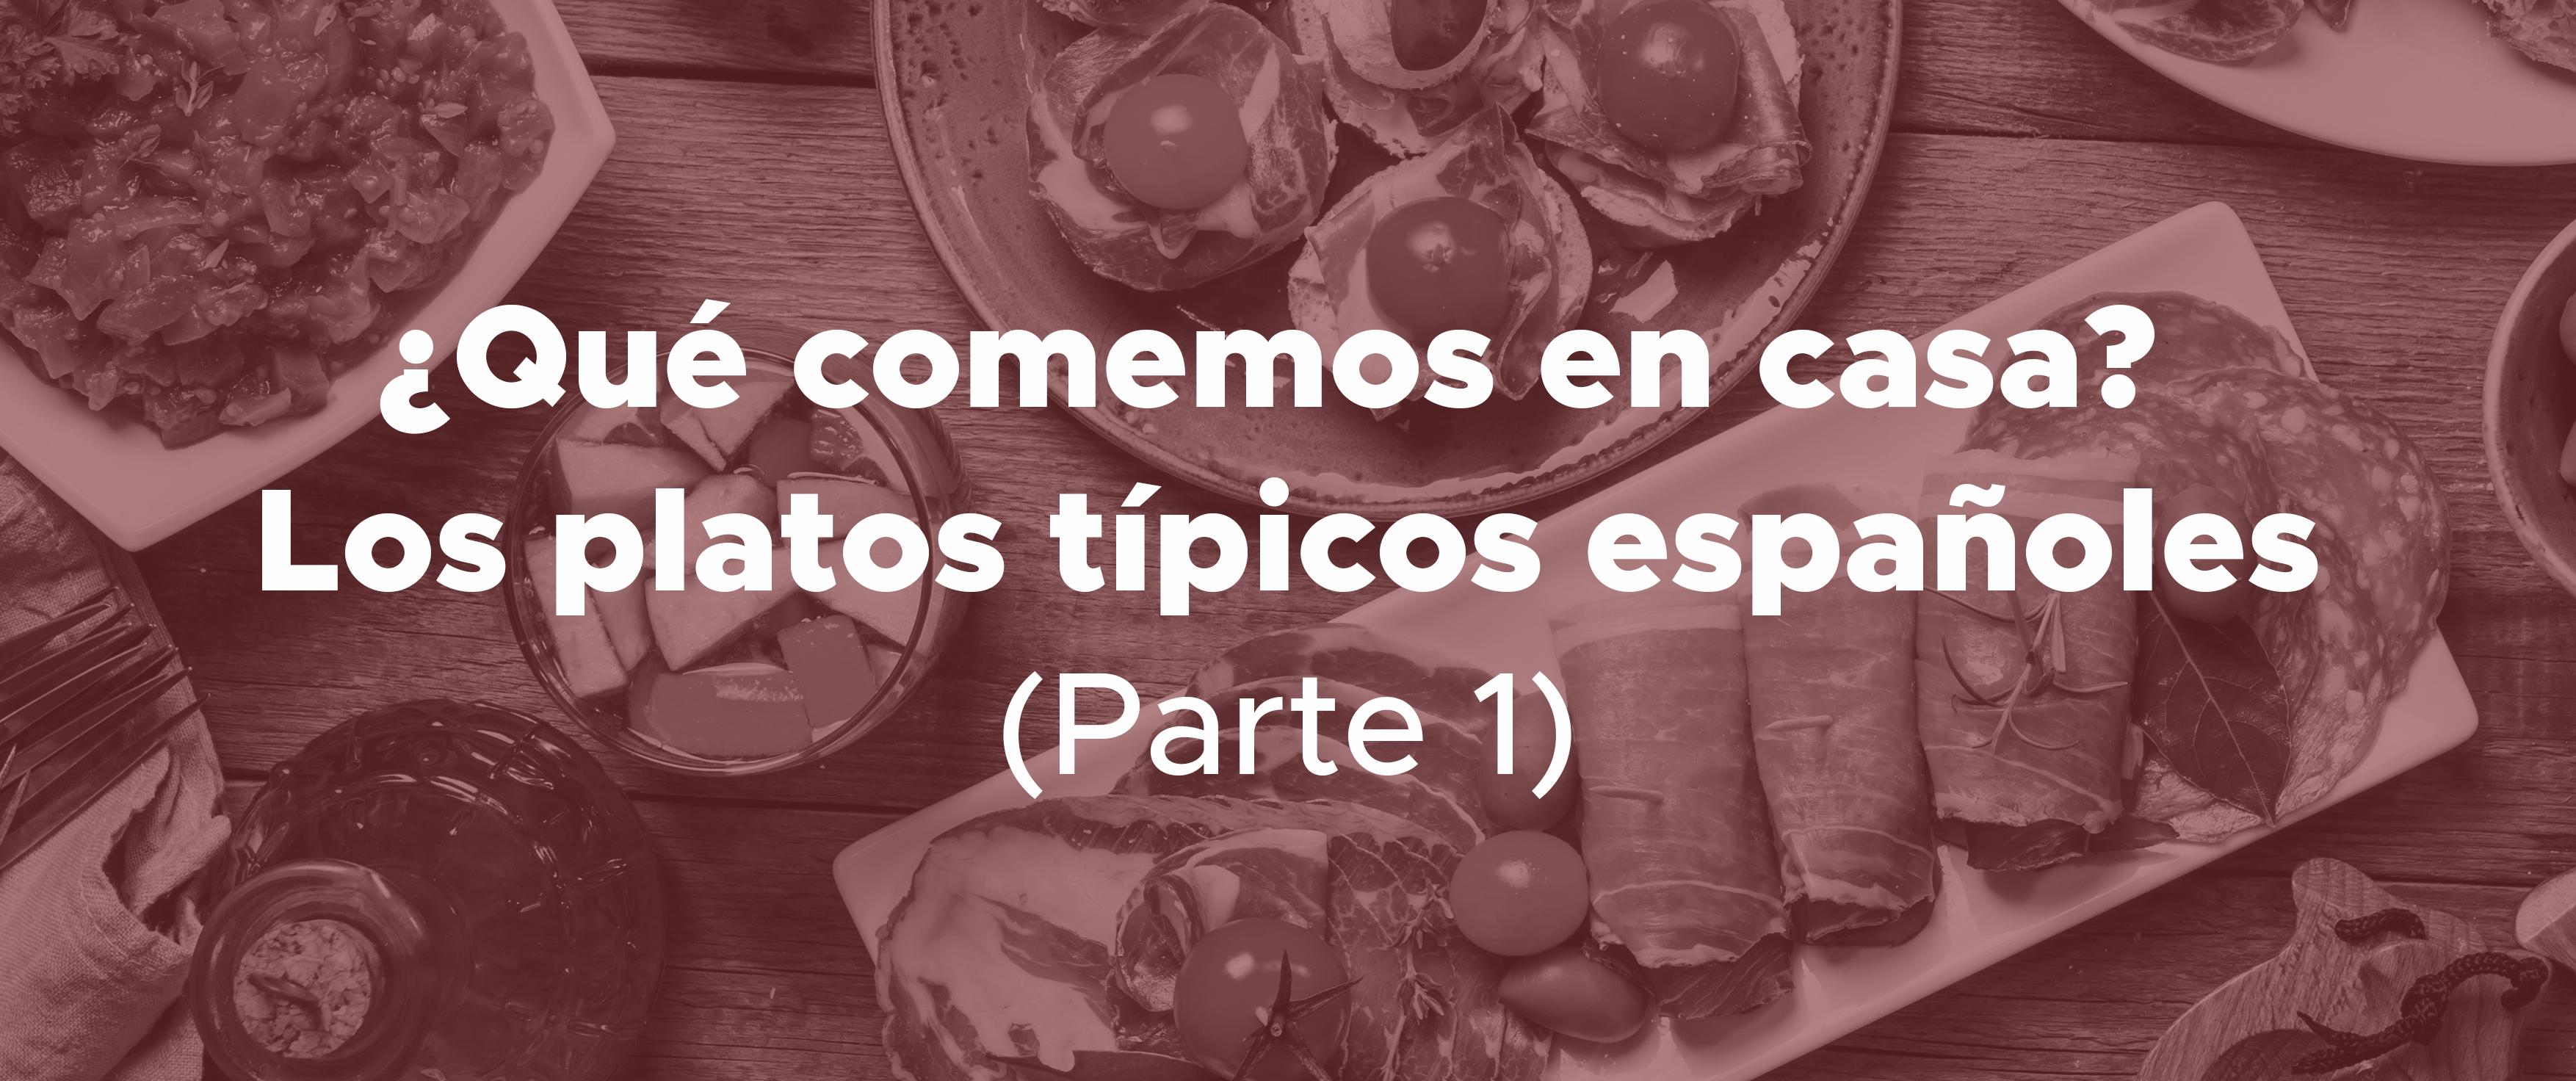 ¿Qué comemos en casa? Los platos típicos españoles (Parte 1)